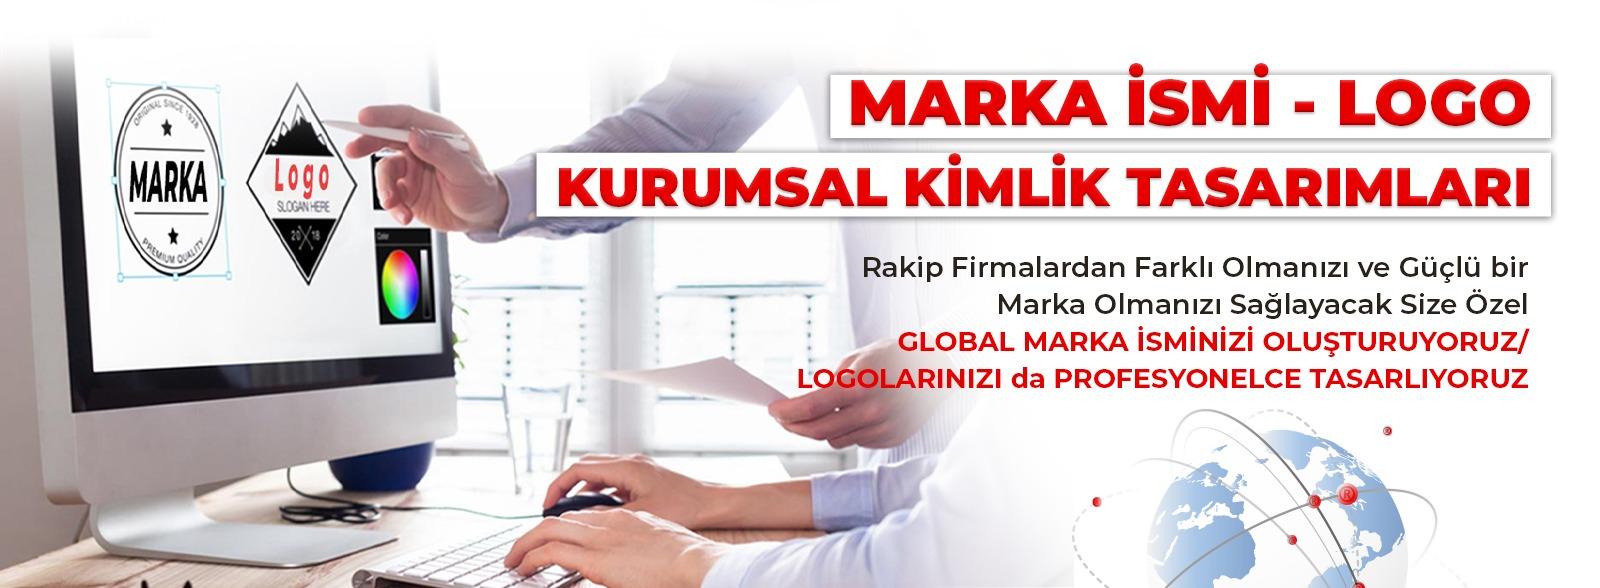 Markalize Banner - 181